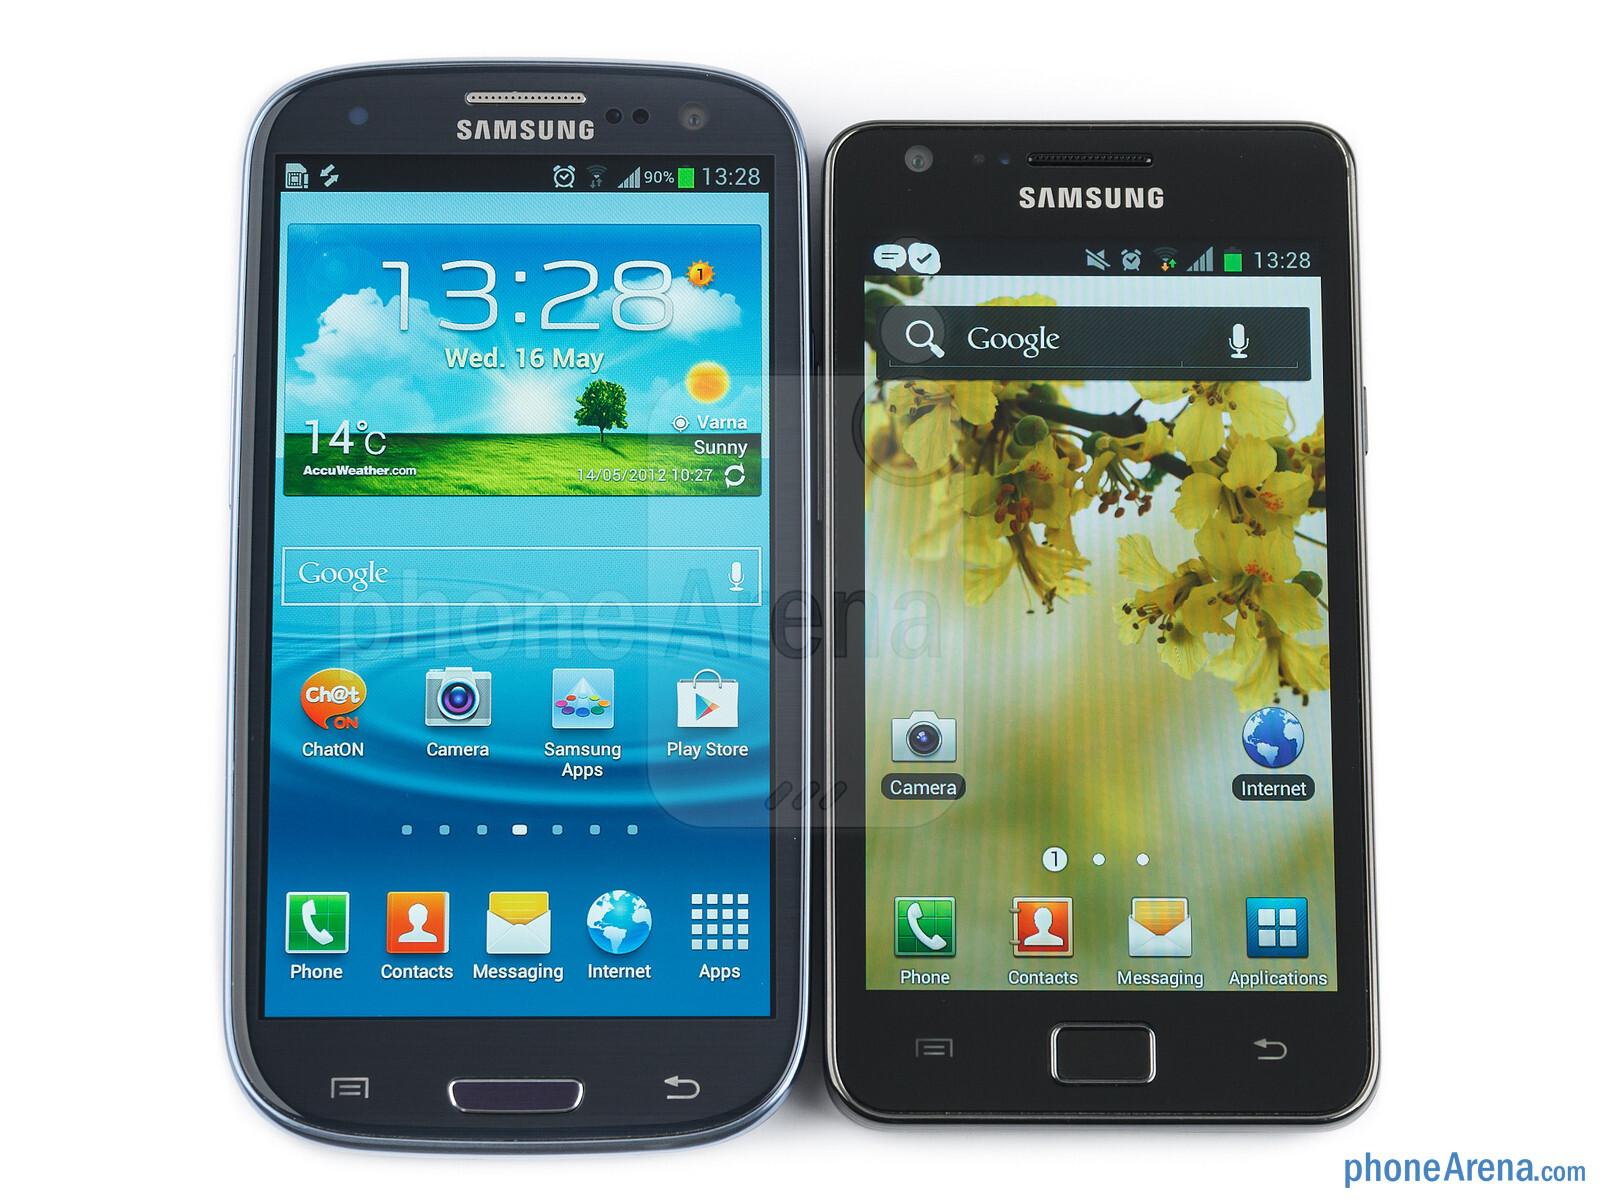 Samsung-Galaxy-S-III-vs-Samsung-Galaxy-S-II-01.jpg